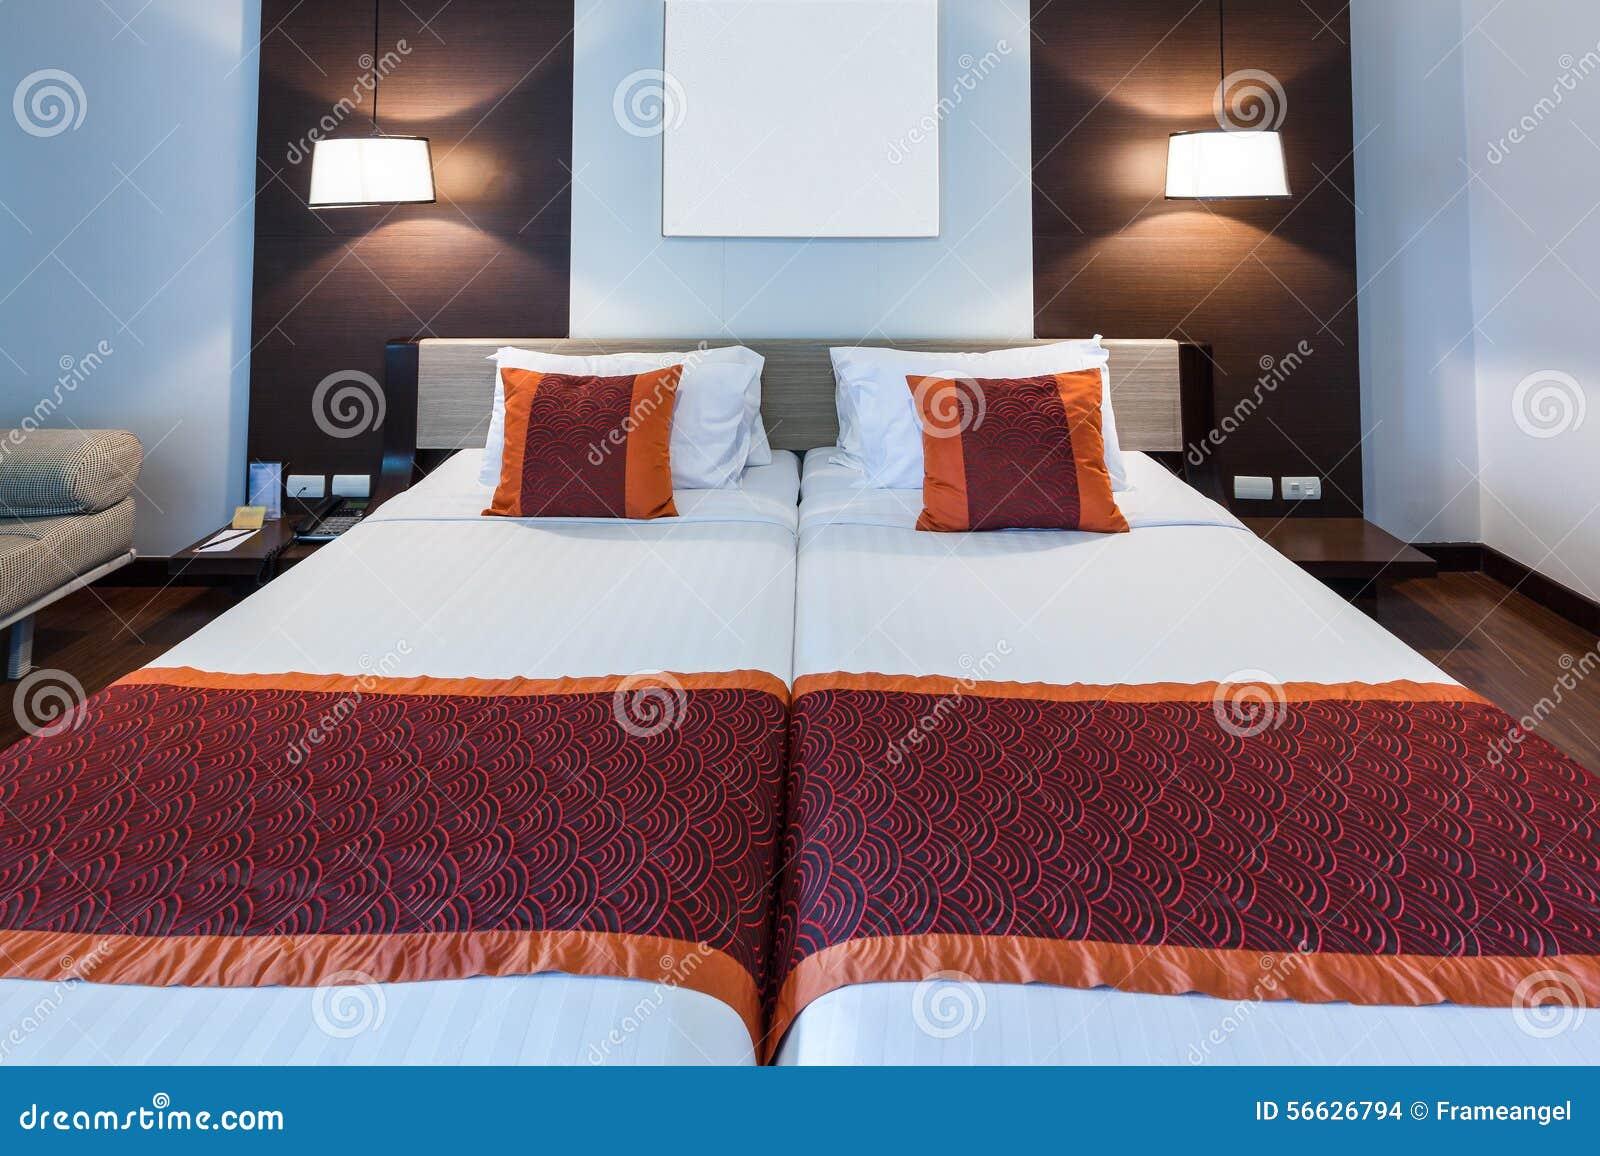 Lampade Camera Matrimoniale: Relax posto nella camera da letto ...